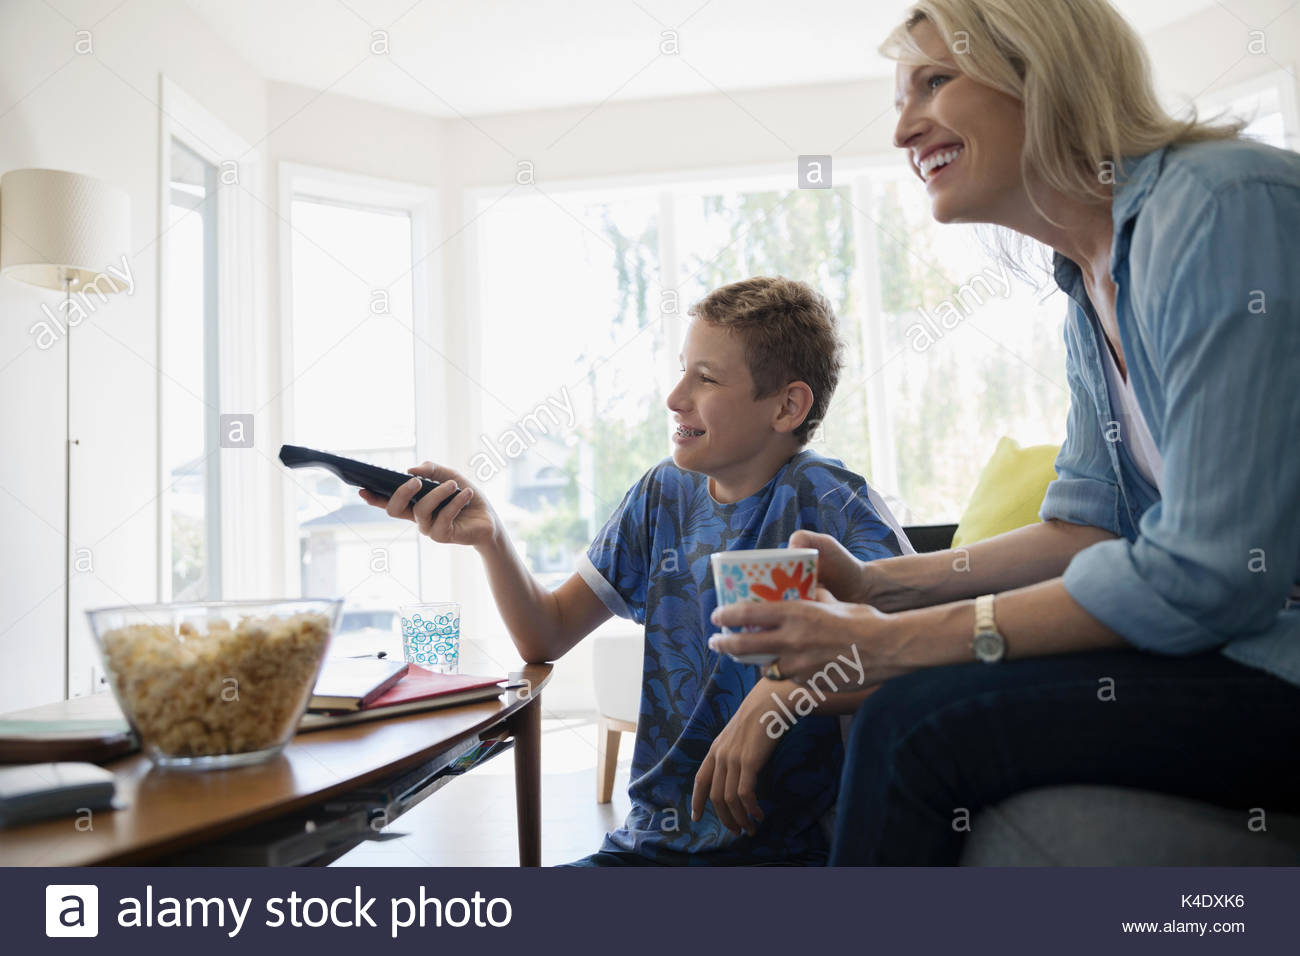 Mutter und Sohn vor der Jugendlichen Fernsehen und essen Popcorn im Wohnzimmer Stockbild